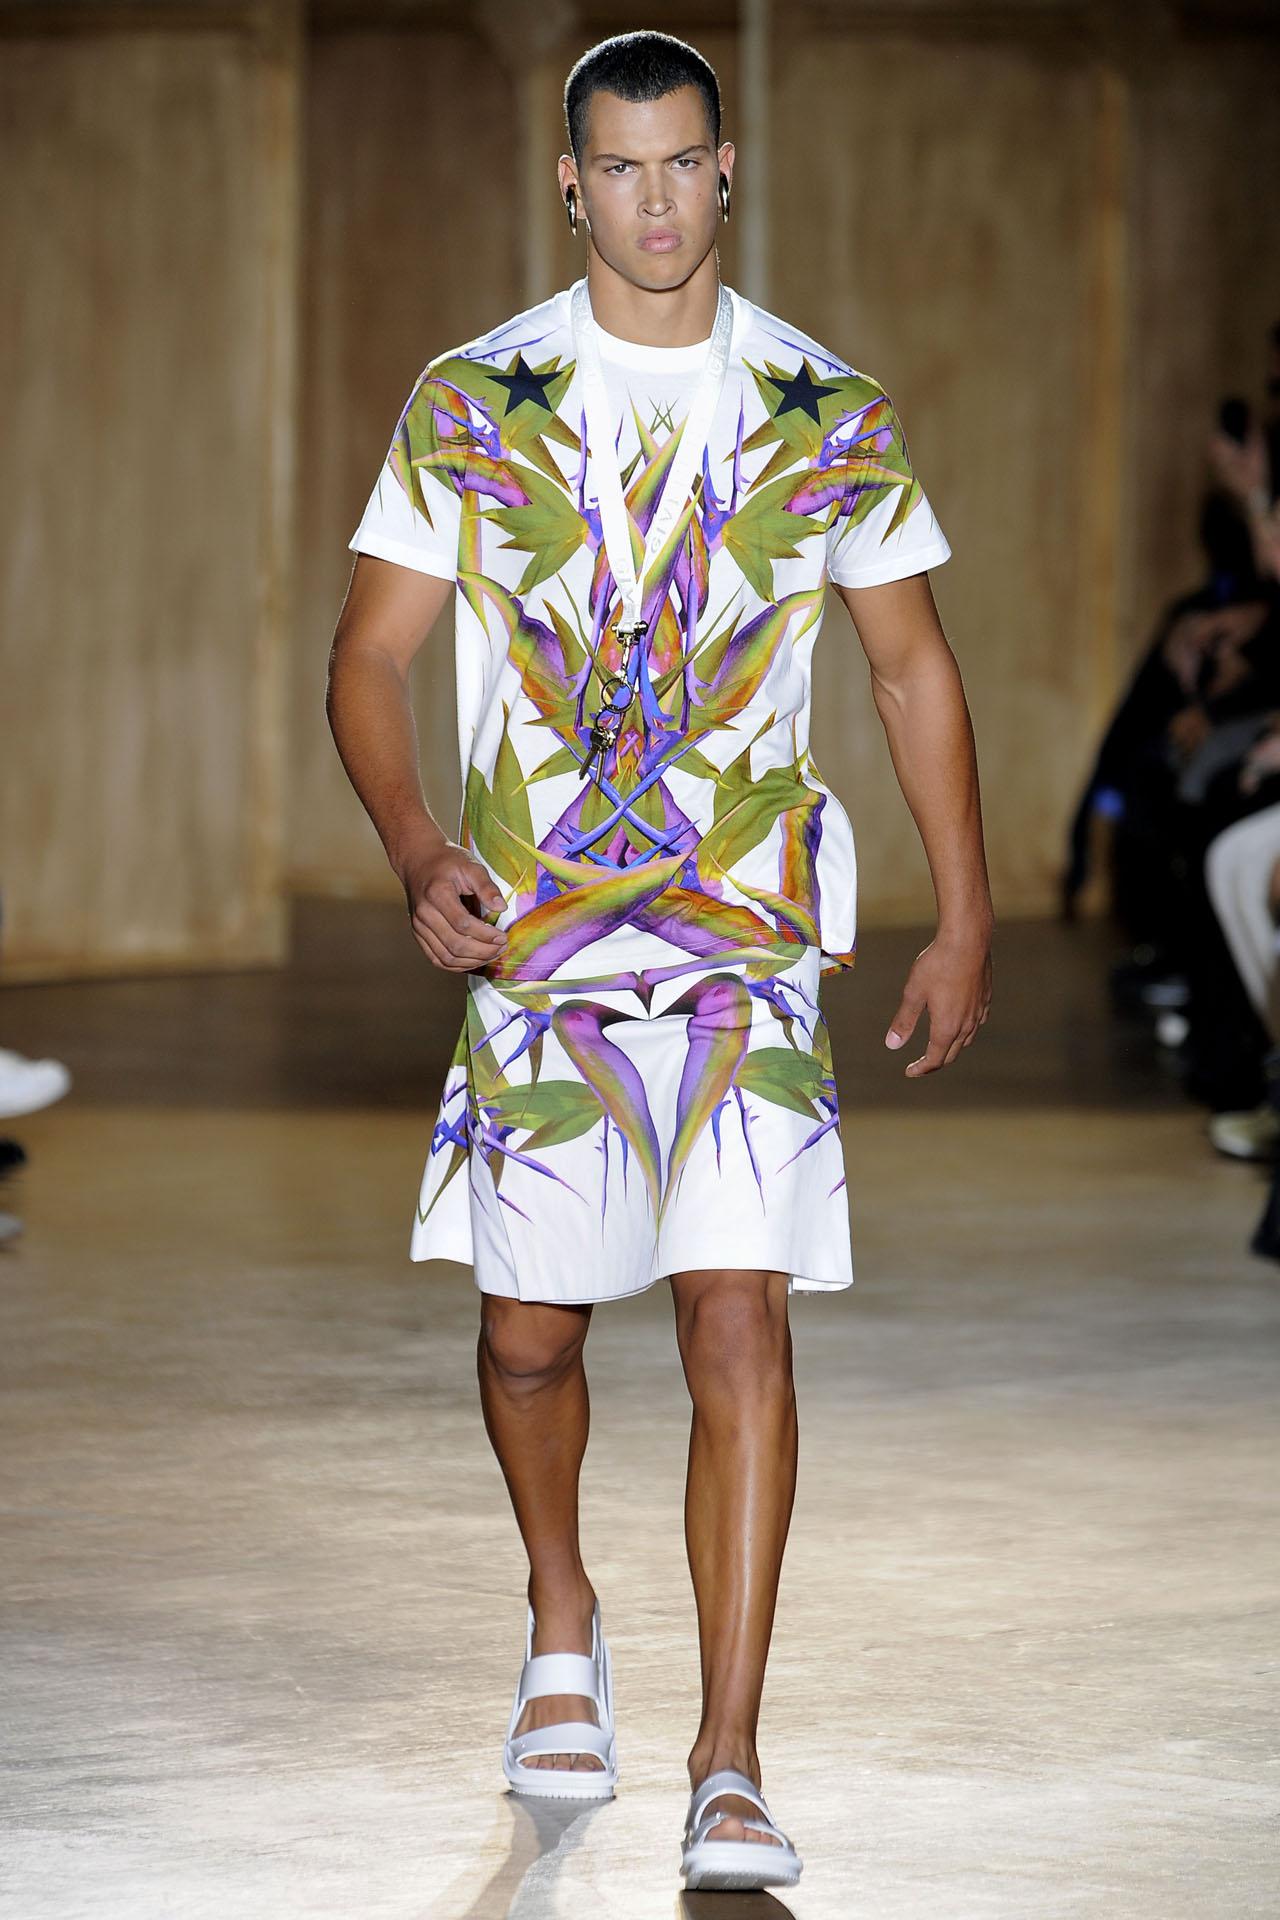 мужская мода весна 2019: костюм футболку с юбкой белые в цветные узоры